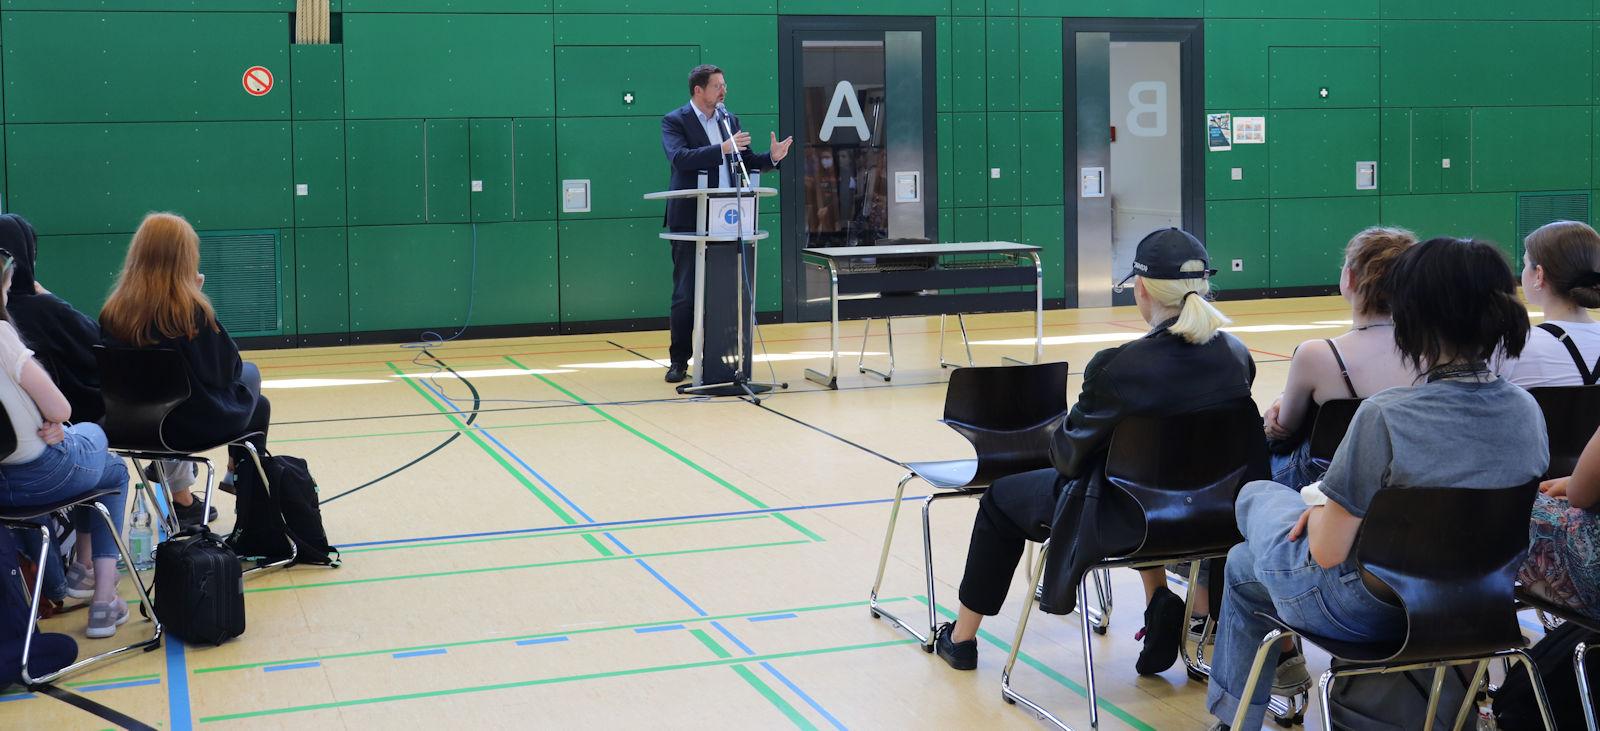 Mit Schülerinnen der zehnten Klassen des Mariengymnasiums in Kaufbeuren sprach Stephan Stracke zu aktuellen politischen Themen.